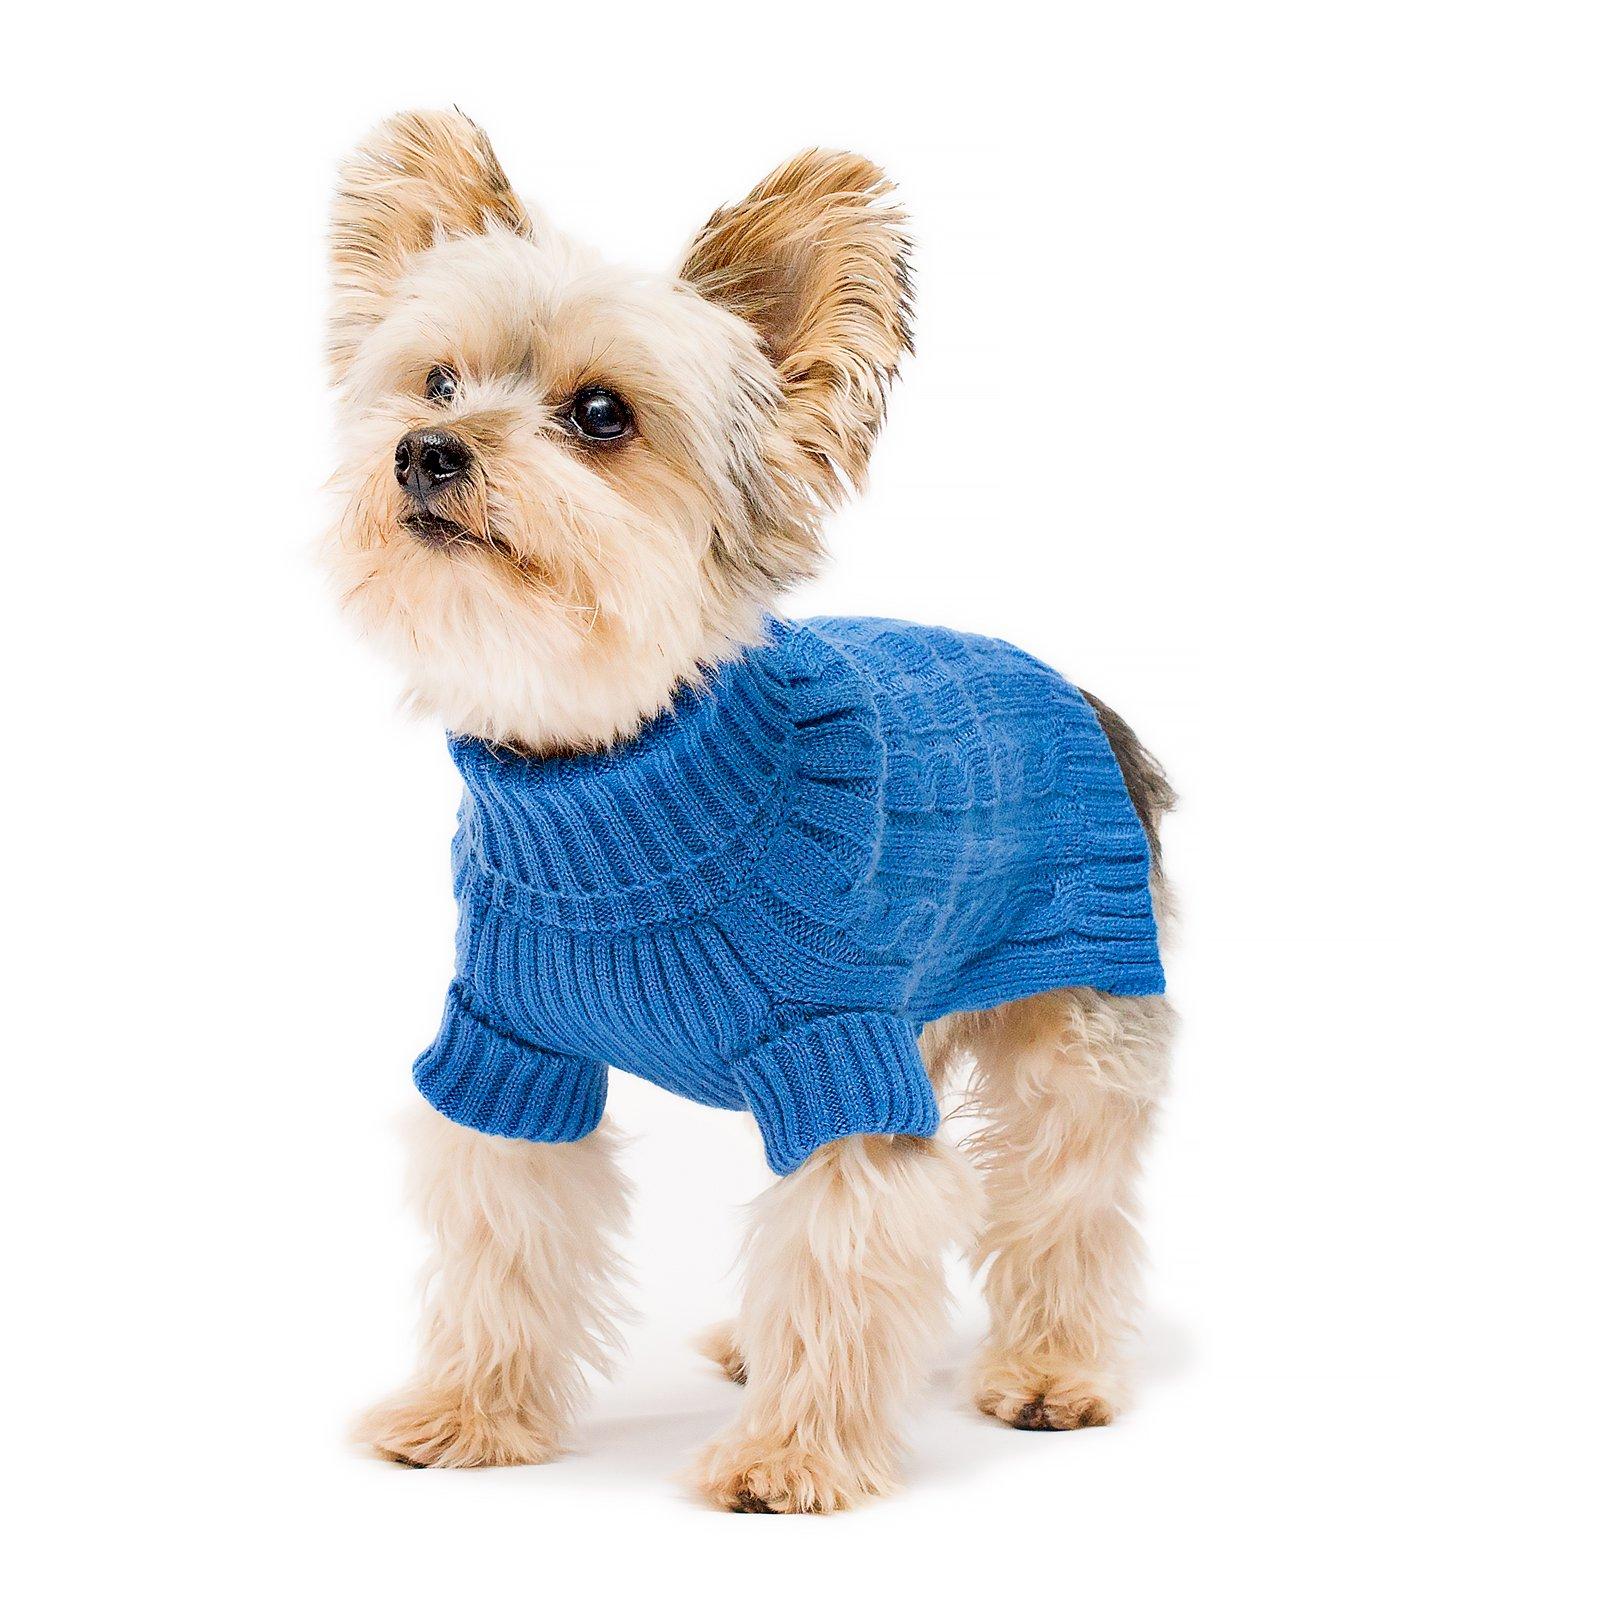 Stinky G Turtleneck Dog Sweater Royal Blue Size #12 by Stinky G